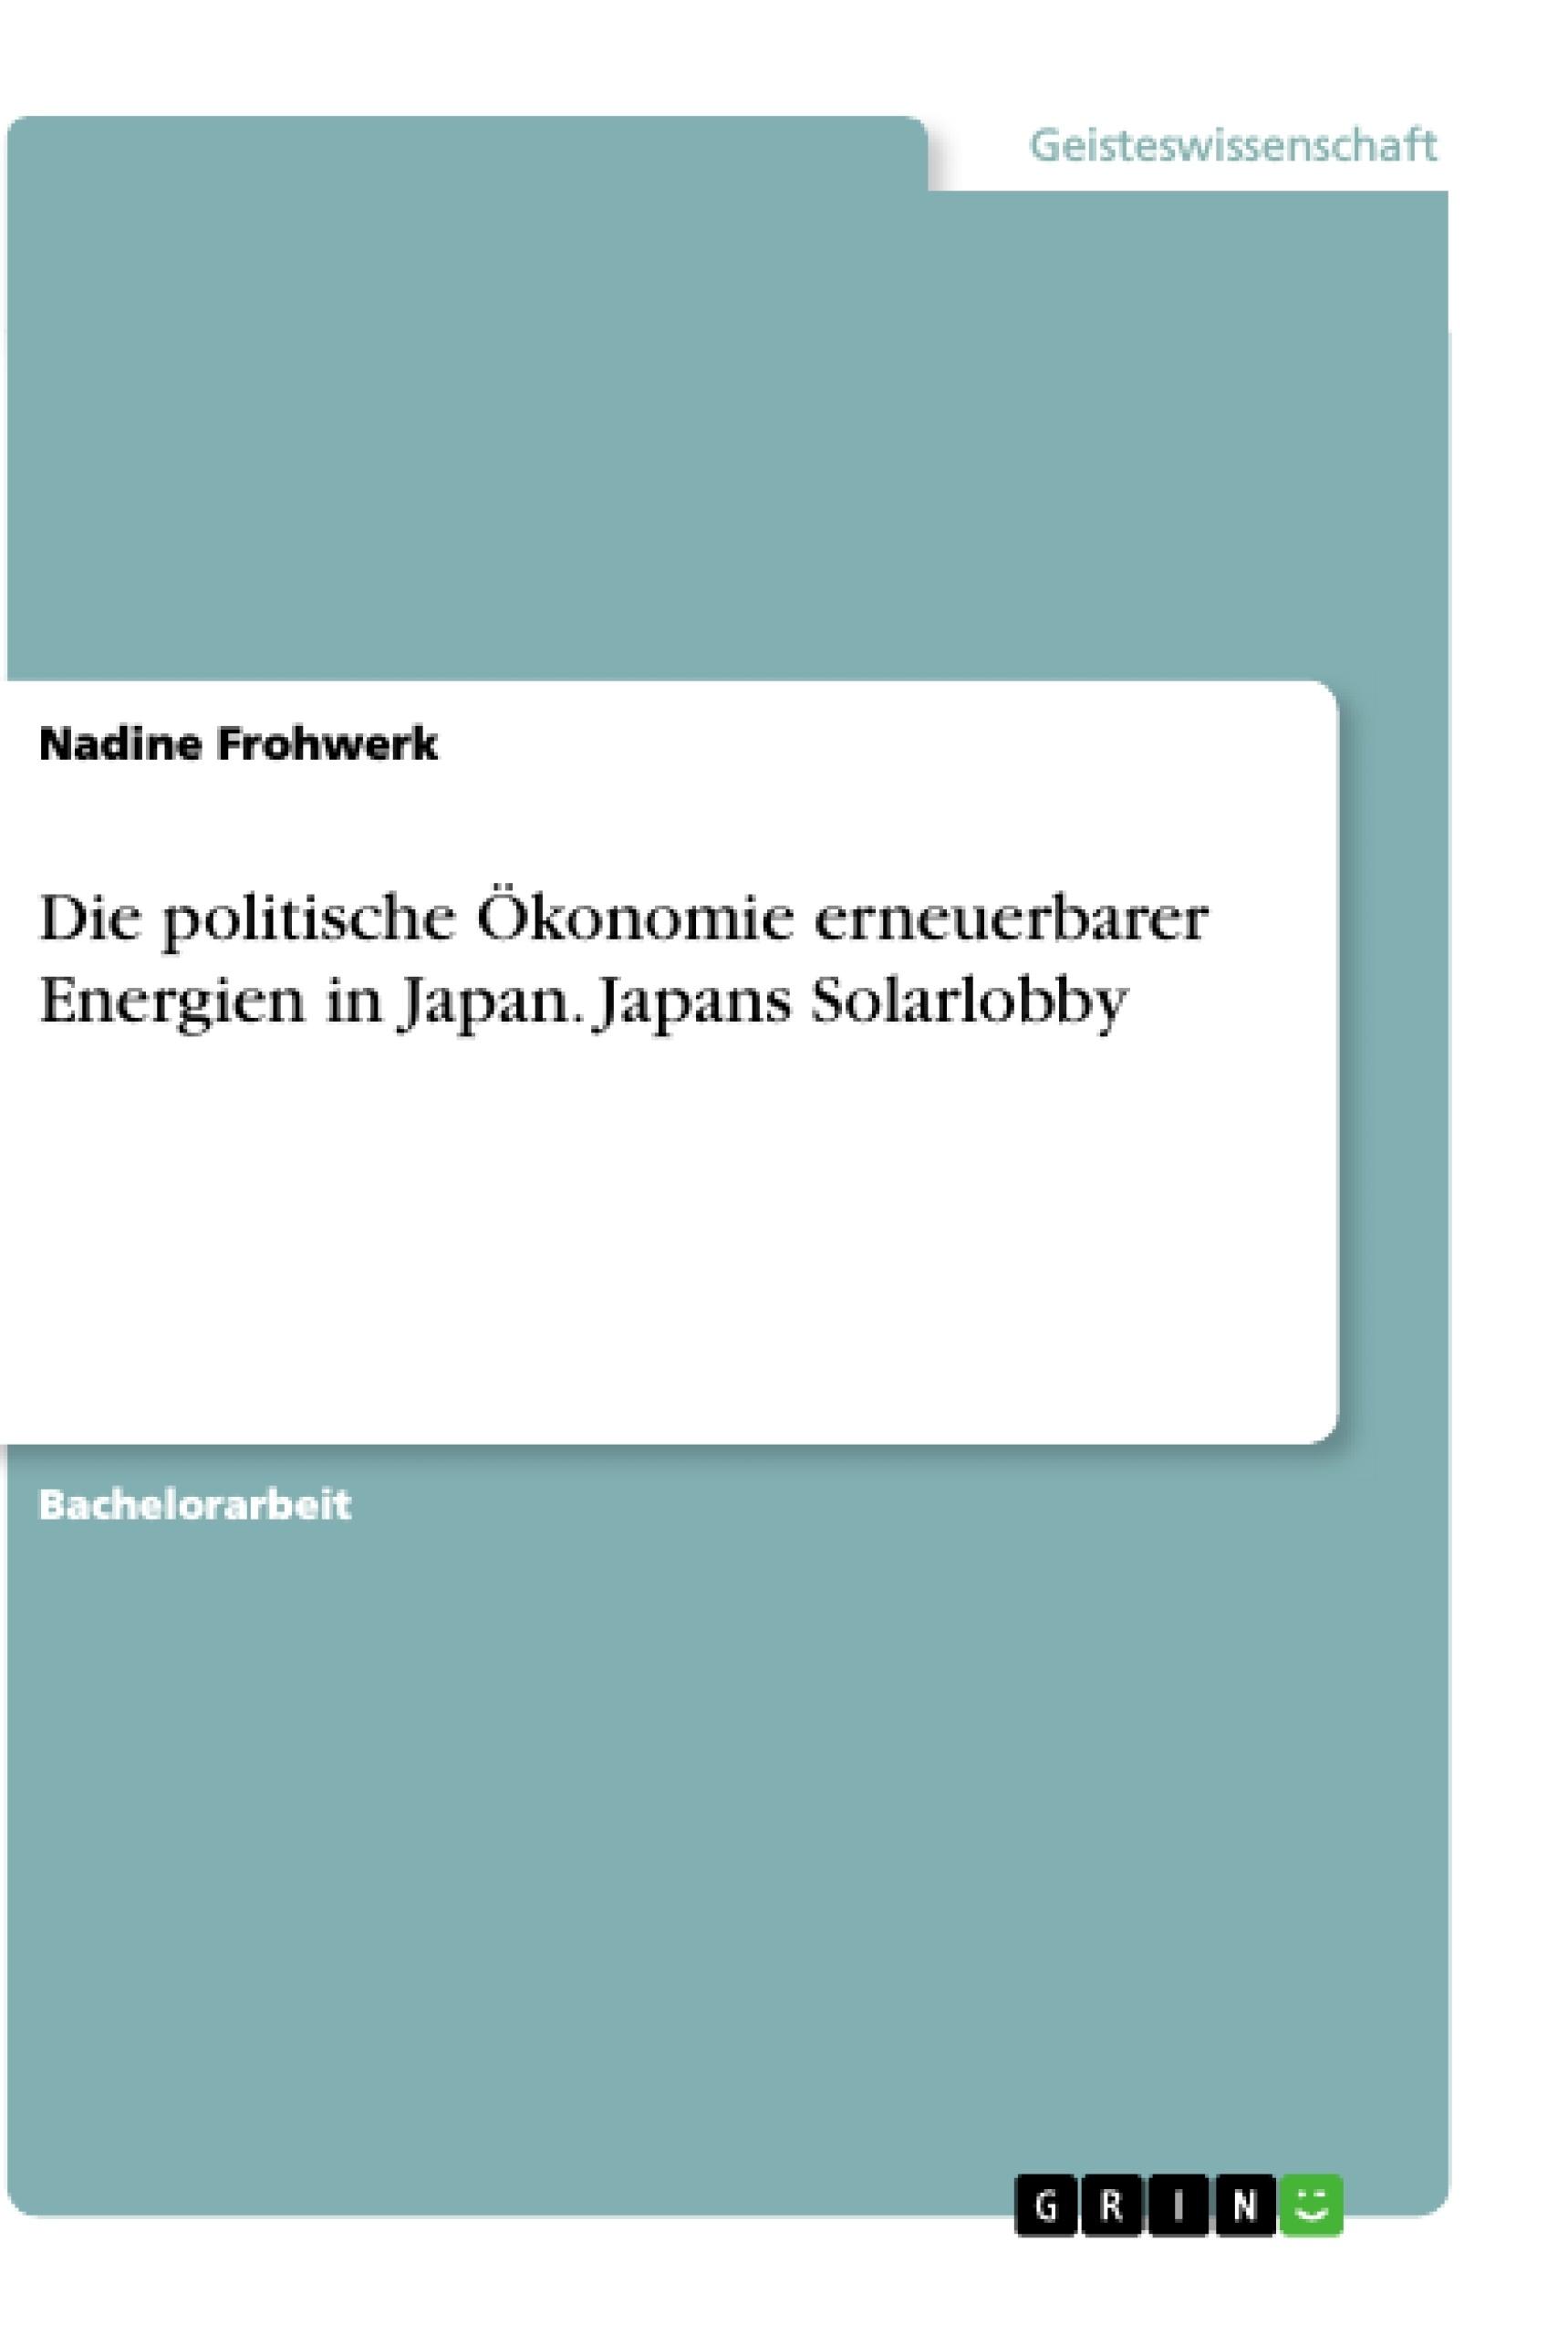 Titel: Die politische Ökonomie erneuerbarer Energien in Japan. Japans Solarlobby